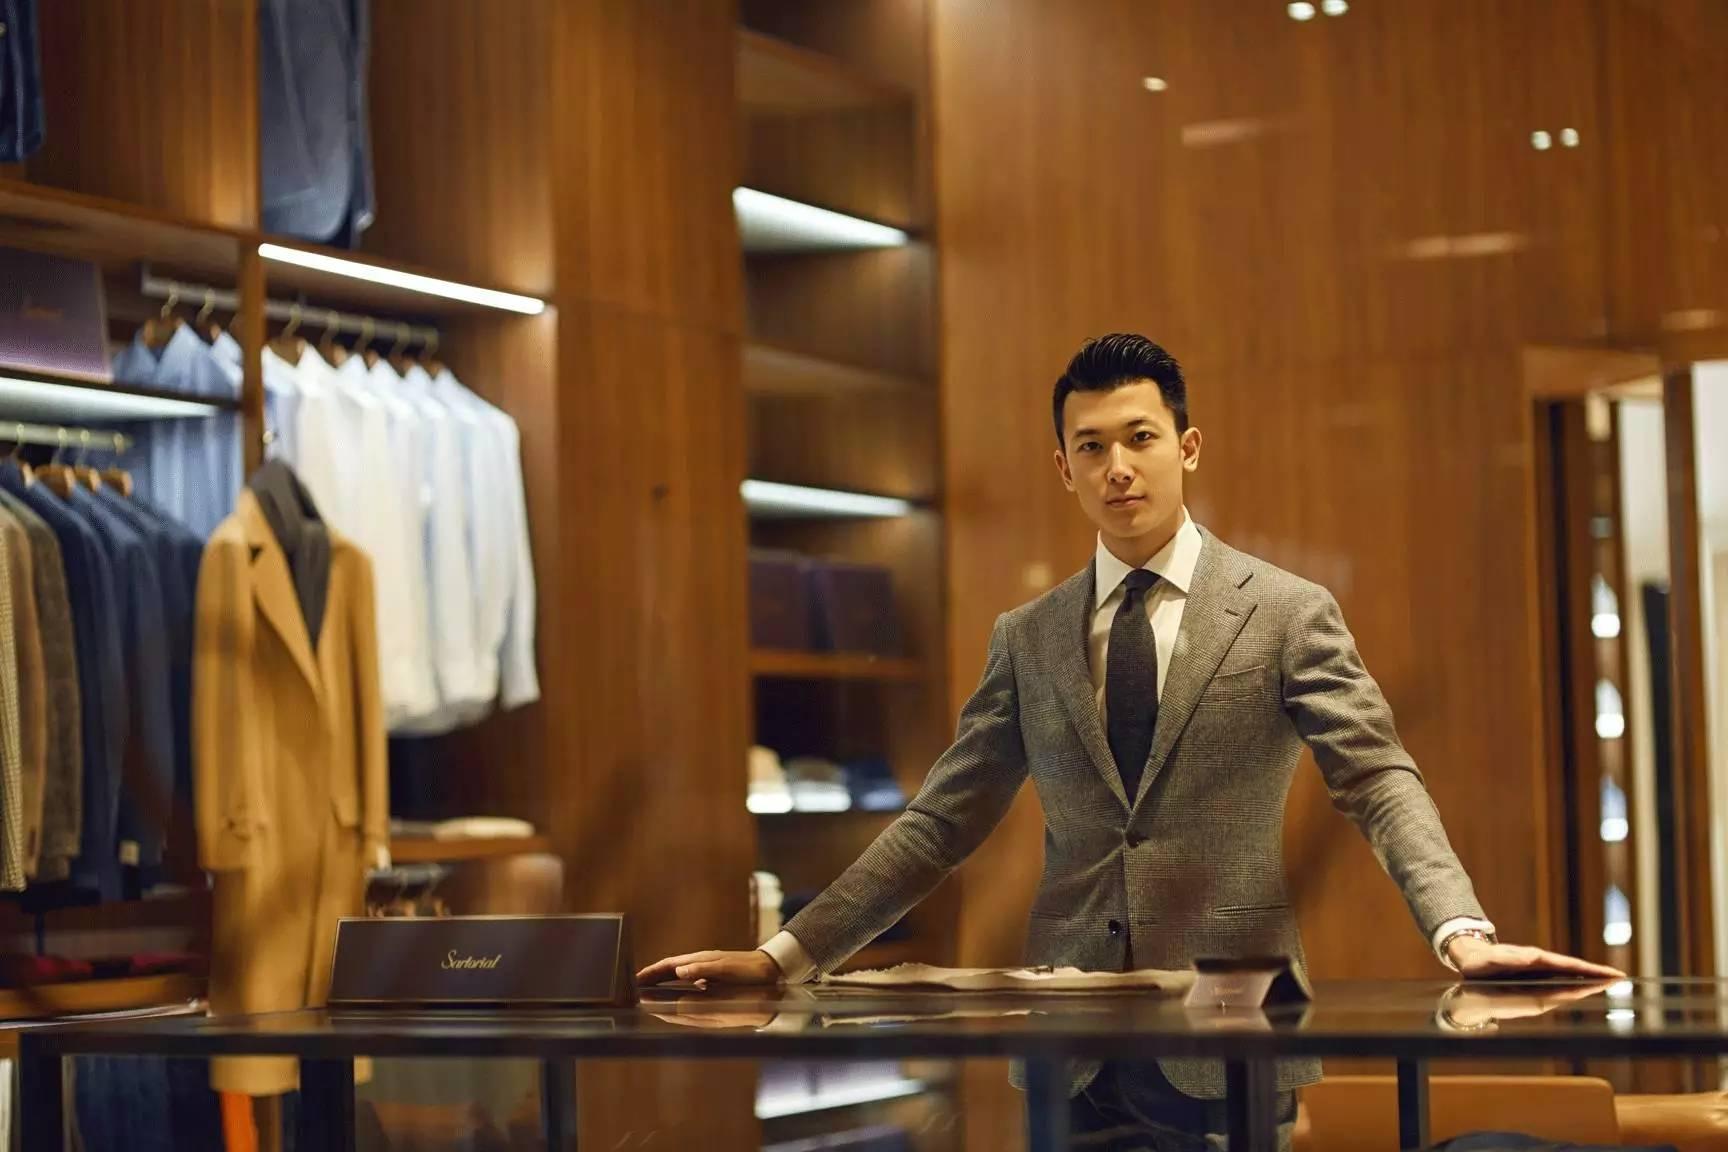 MR.LAB:北京经典男装店Sartorial创始人Kieran Wang